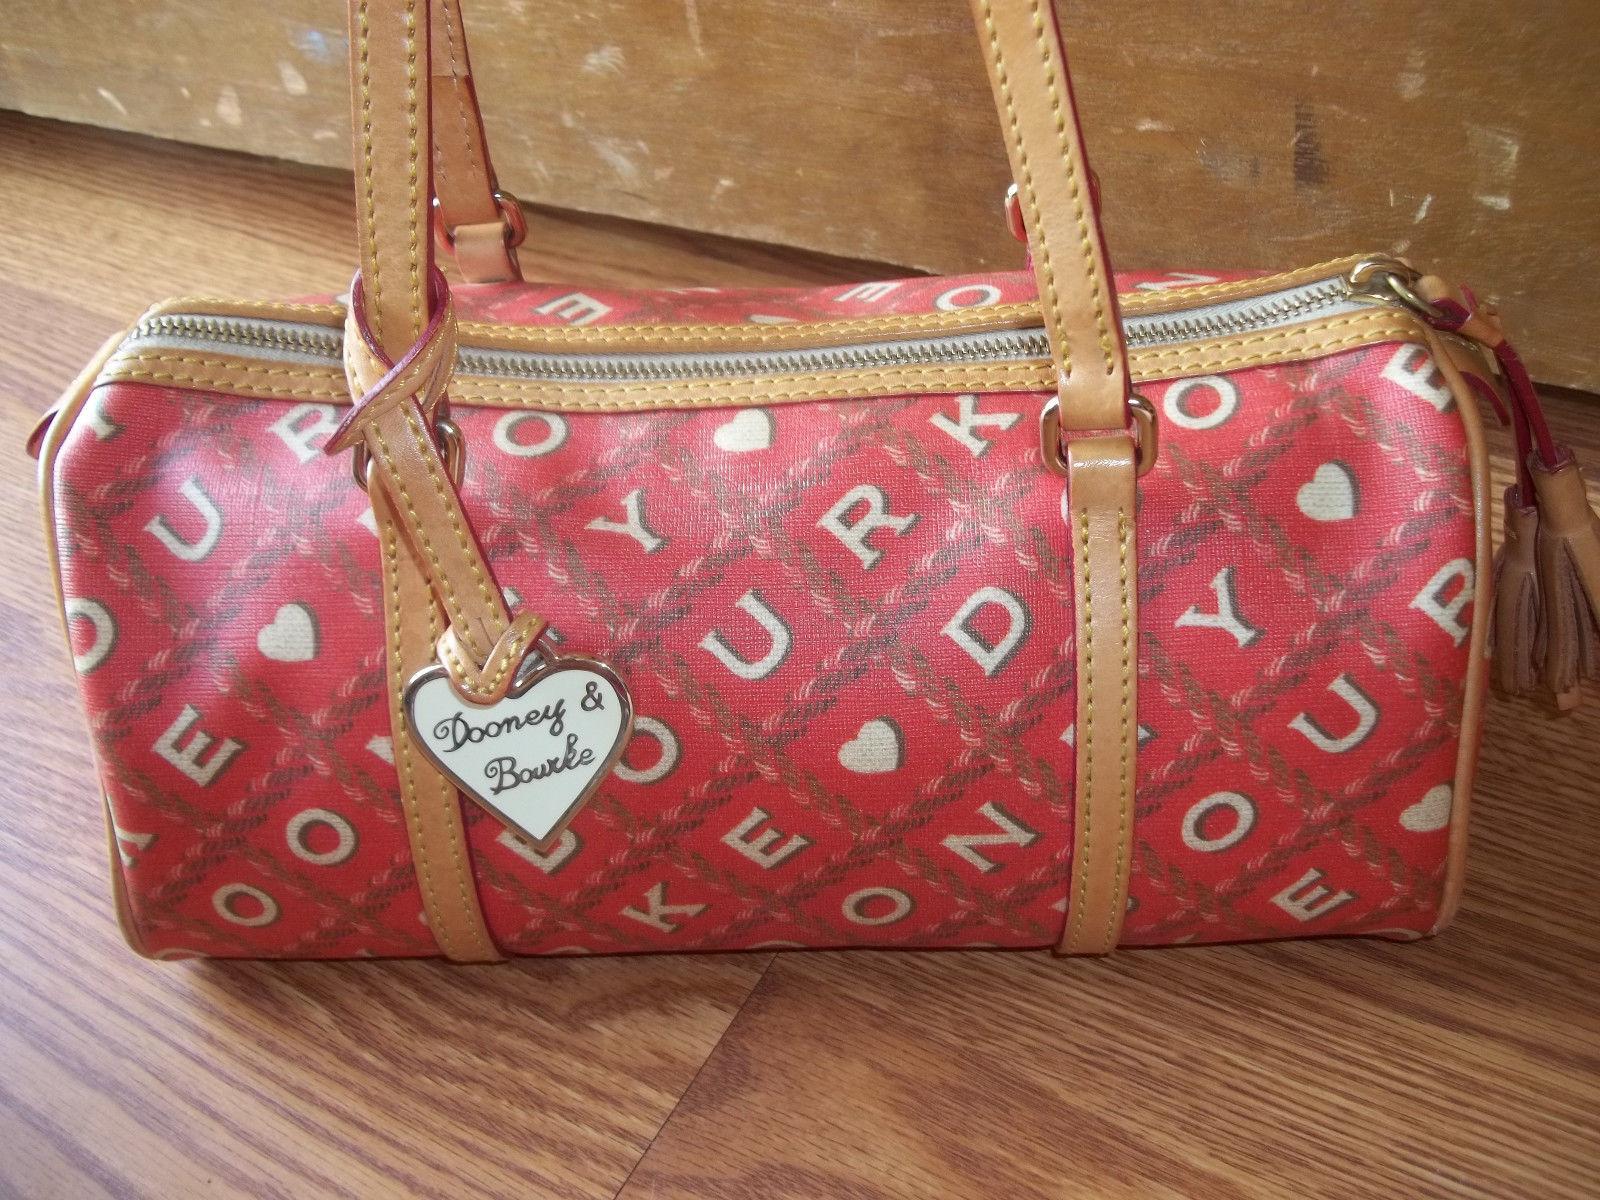 Dooney & Bourke Red Crossword Barrel Bag Handbag